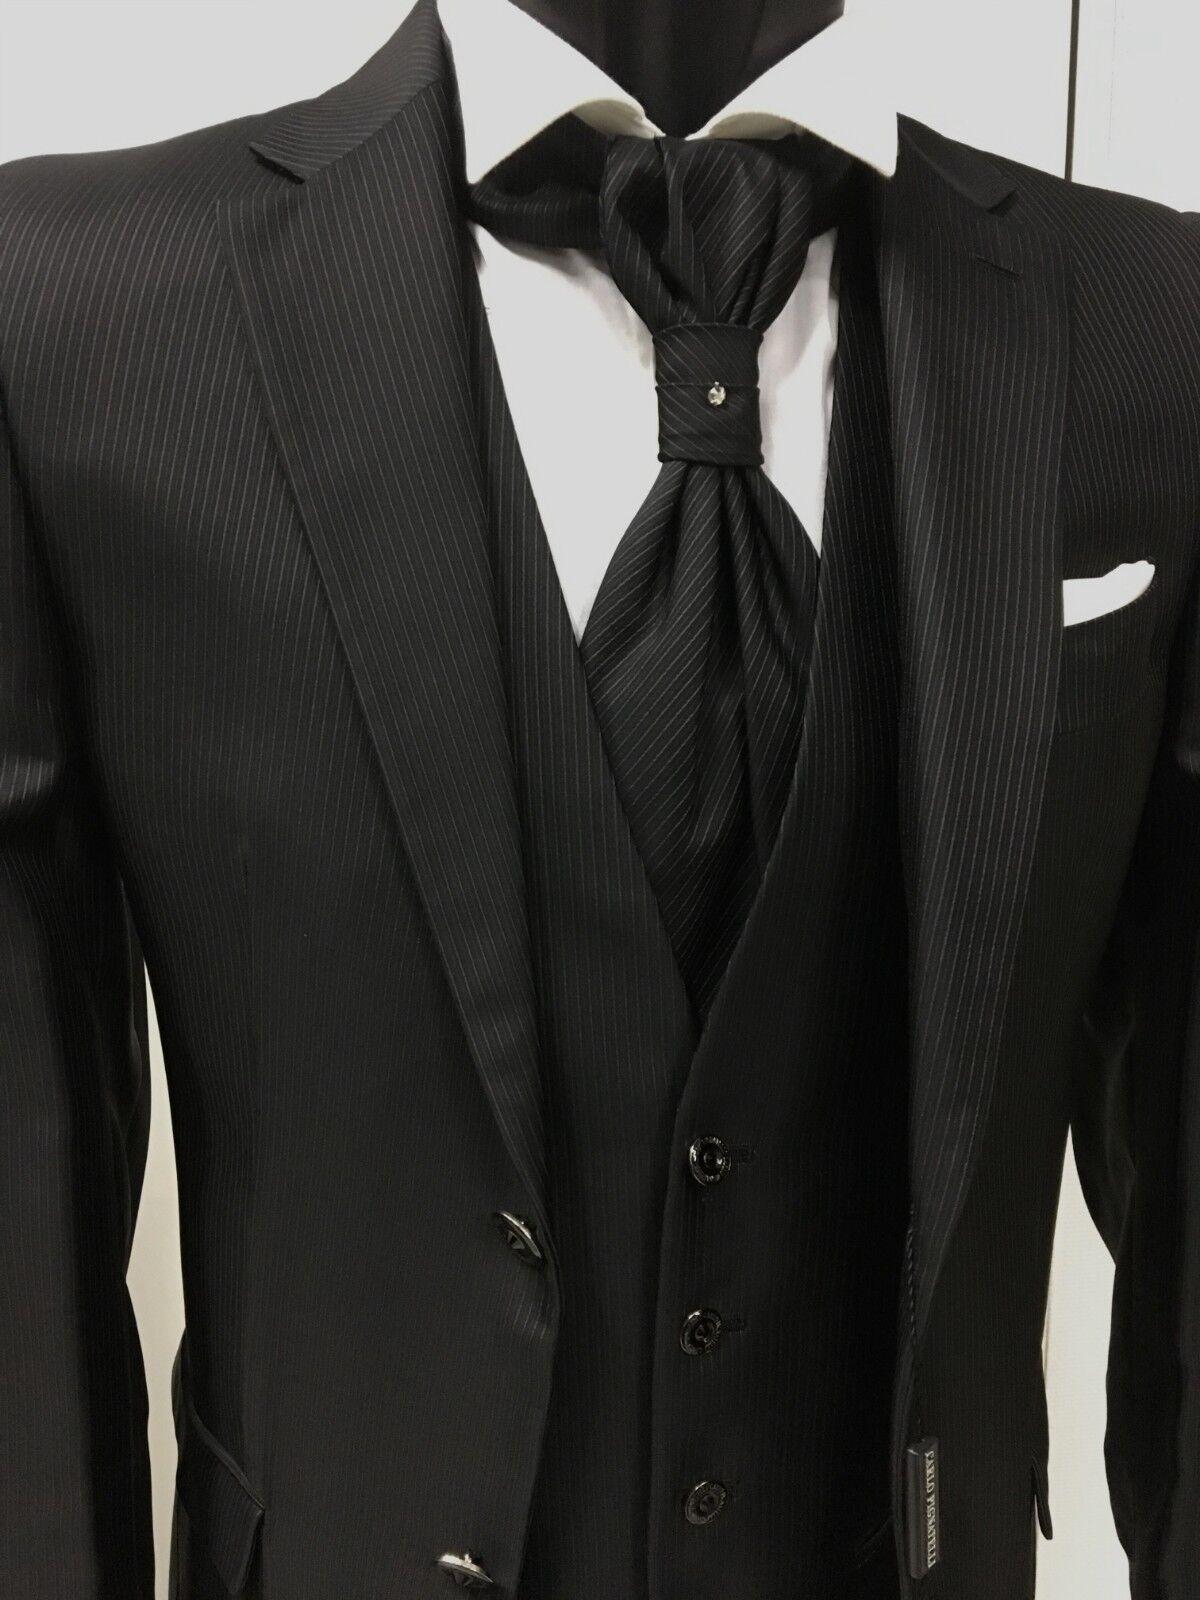 Kleidung Mann Bräutigam Schwarz Signiert Carlo Pignatelli Prunk Suit Wedding